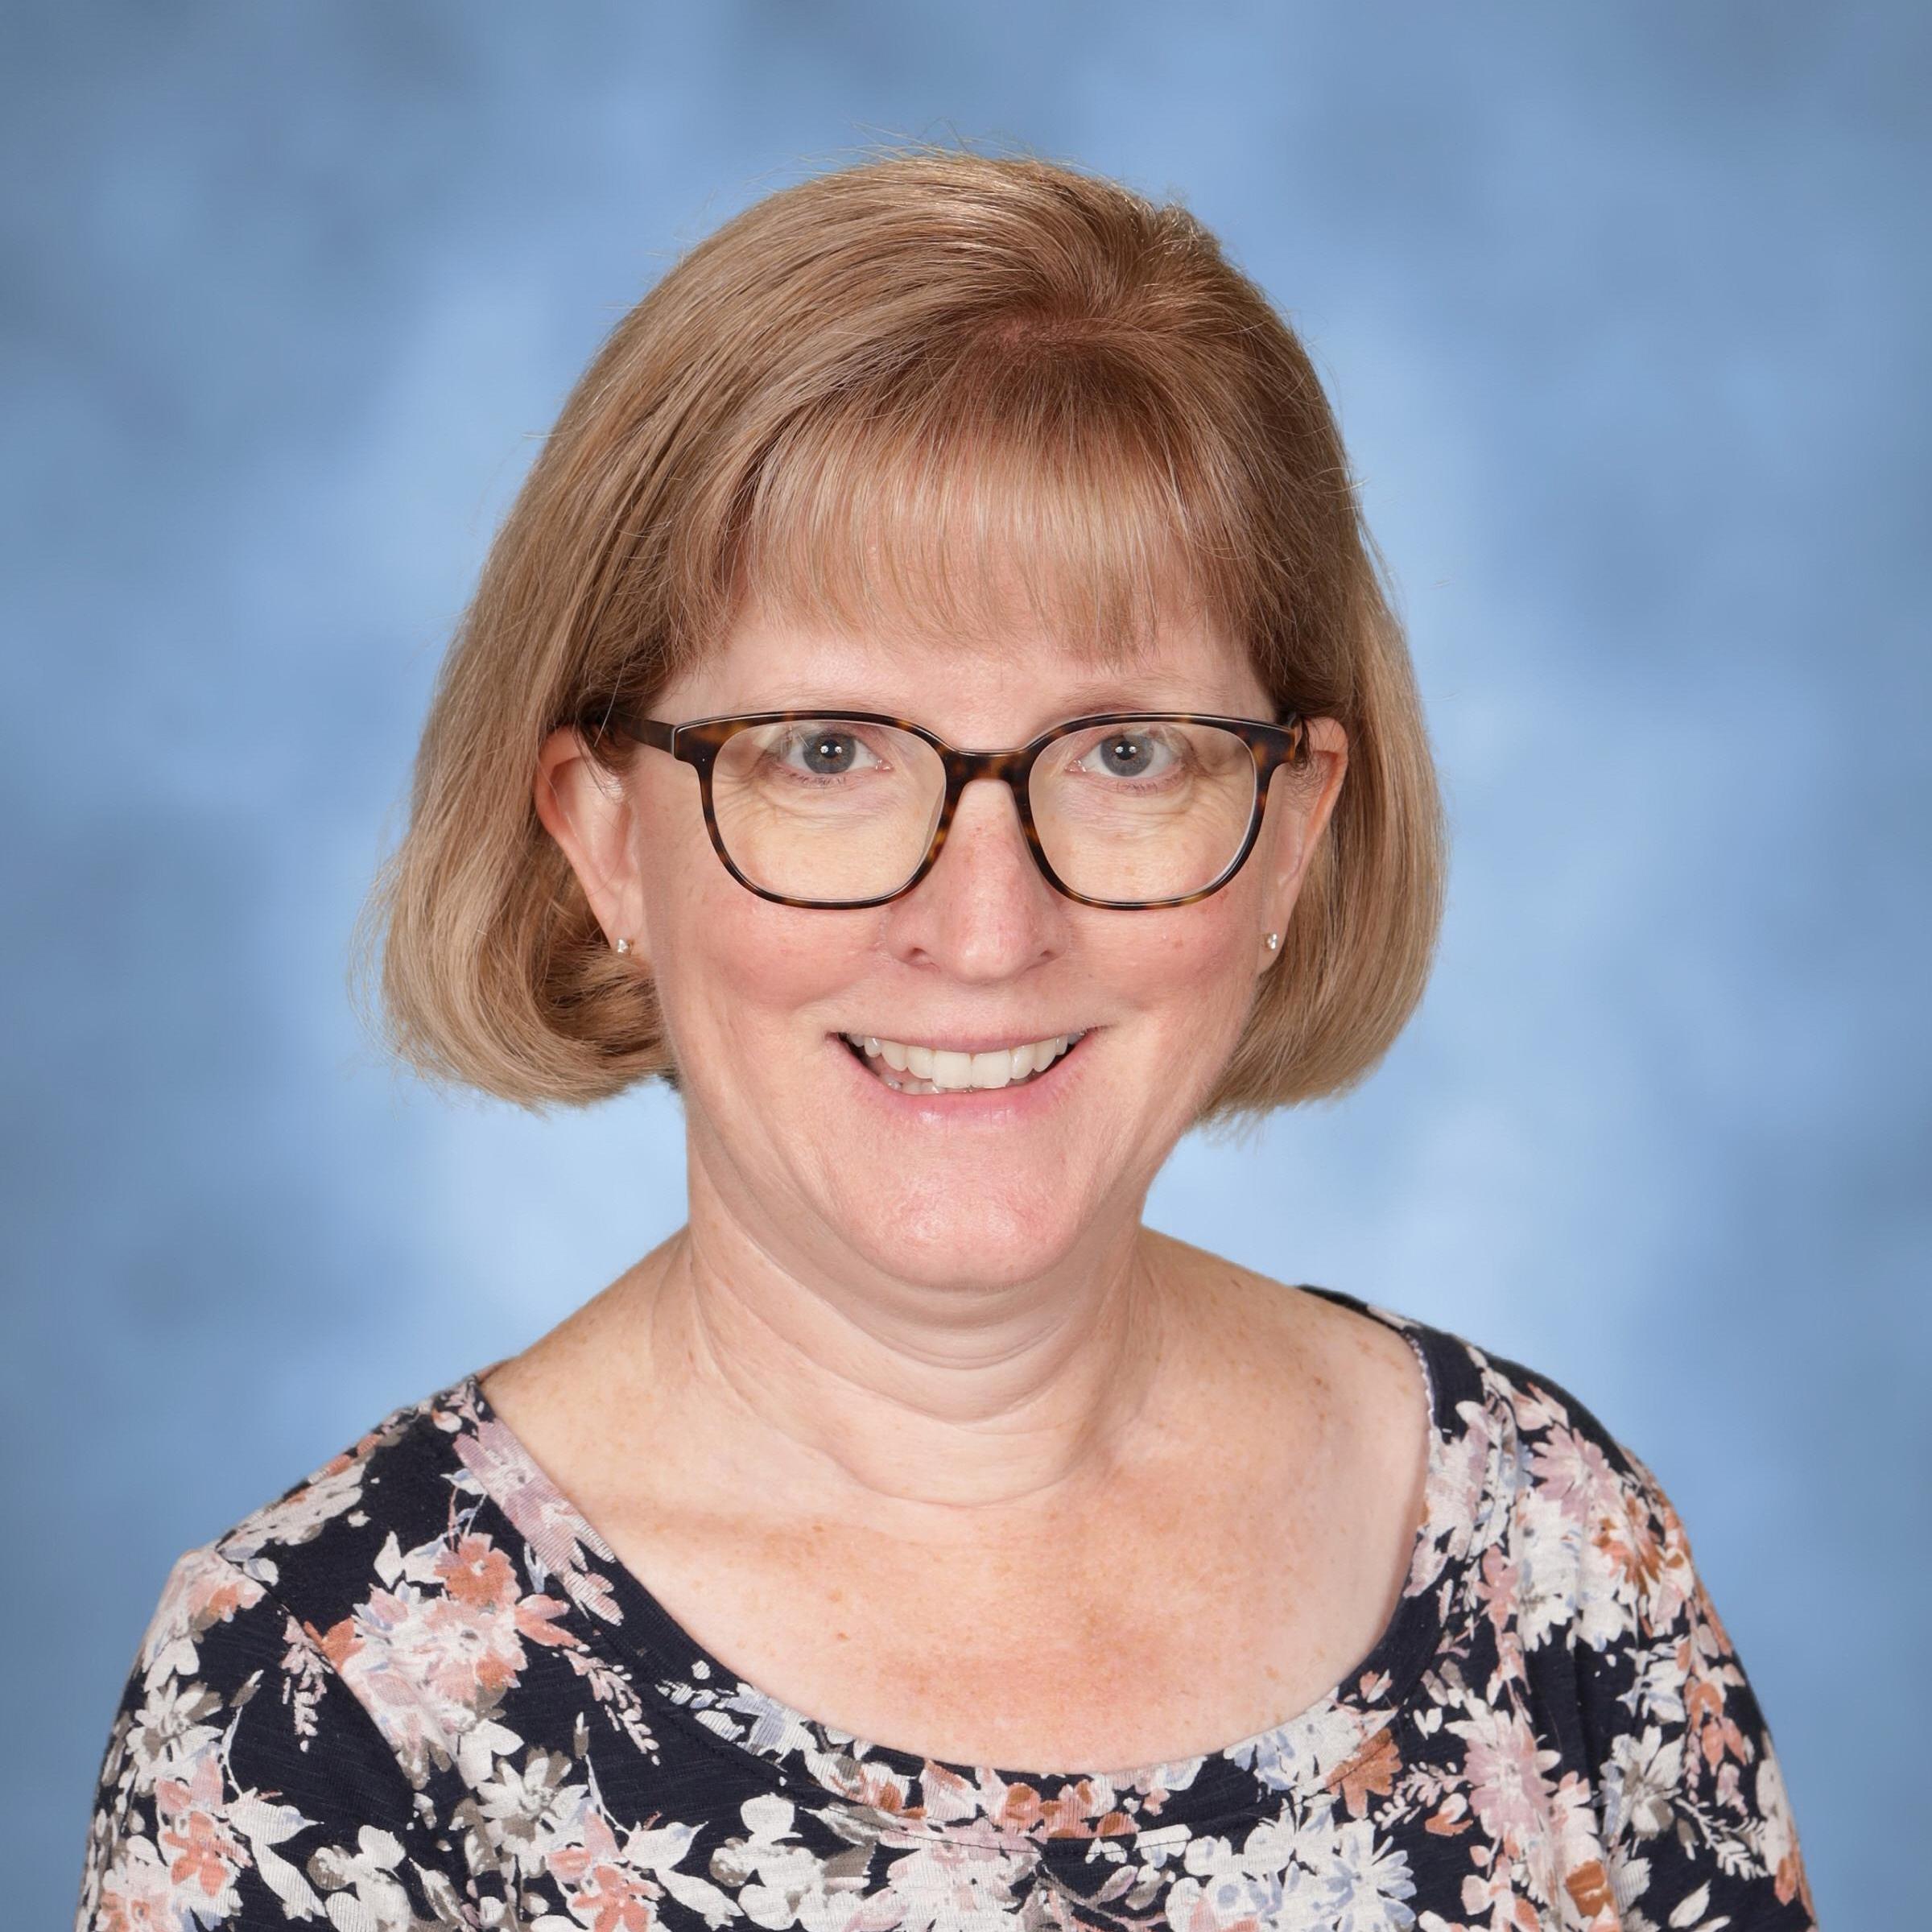 Jennifer Smyczynski's Profile Photo